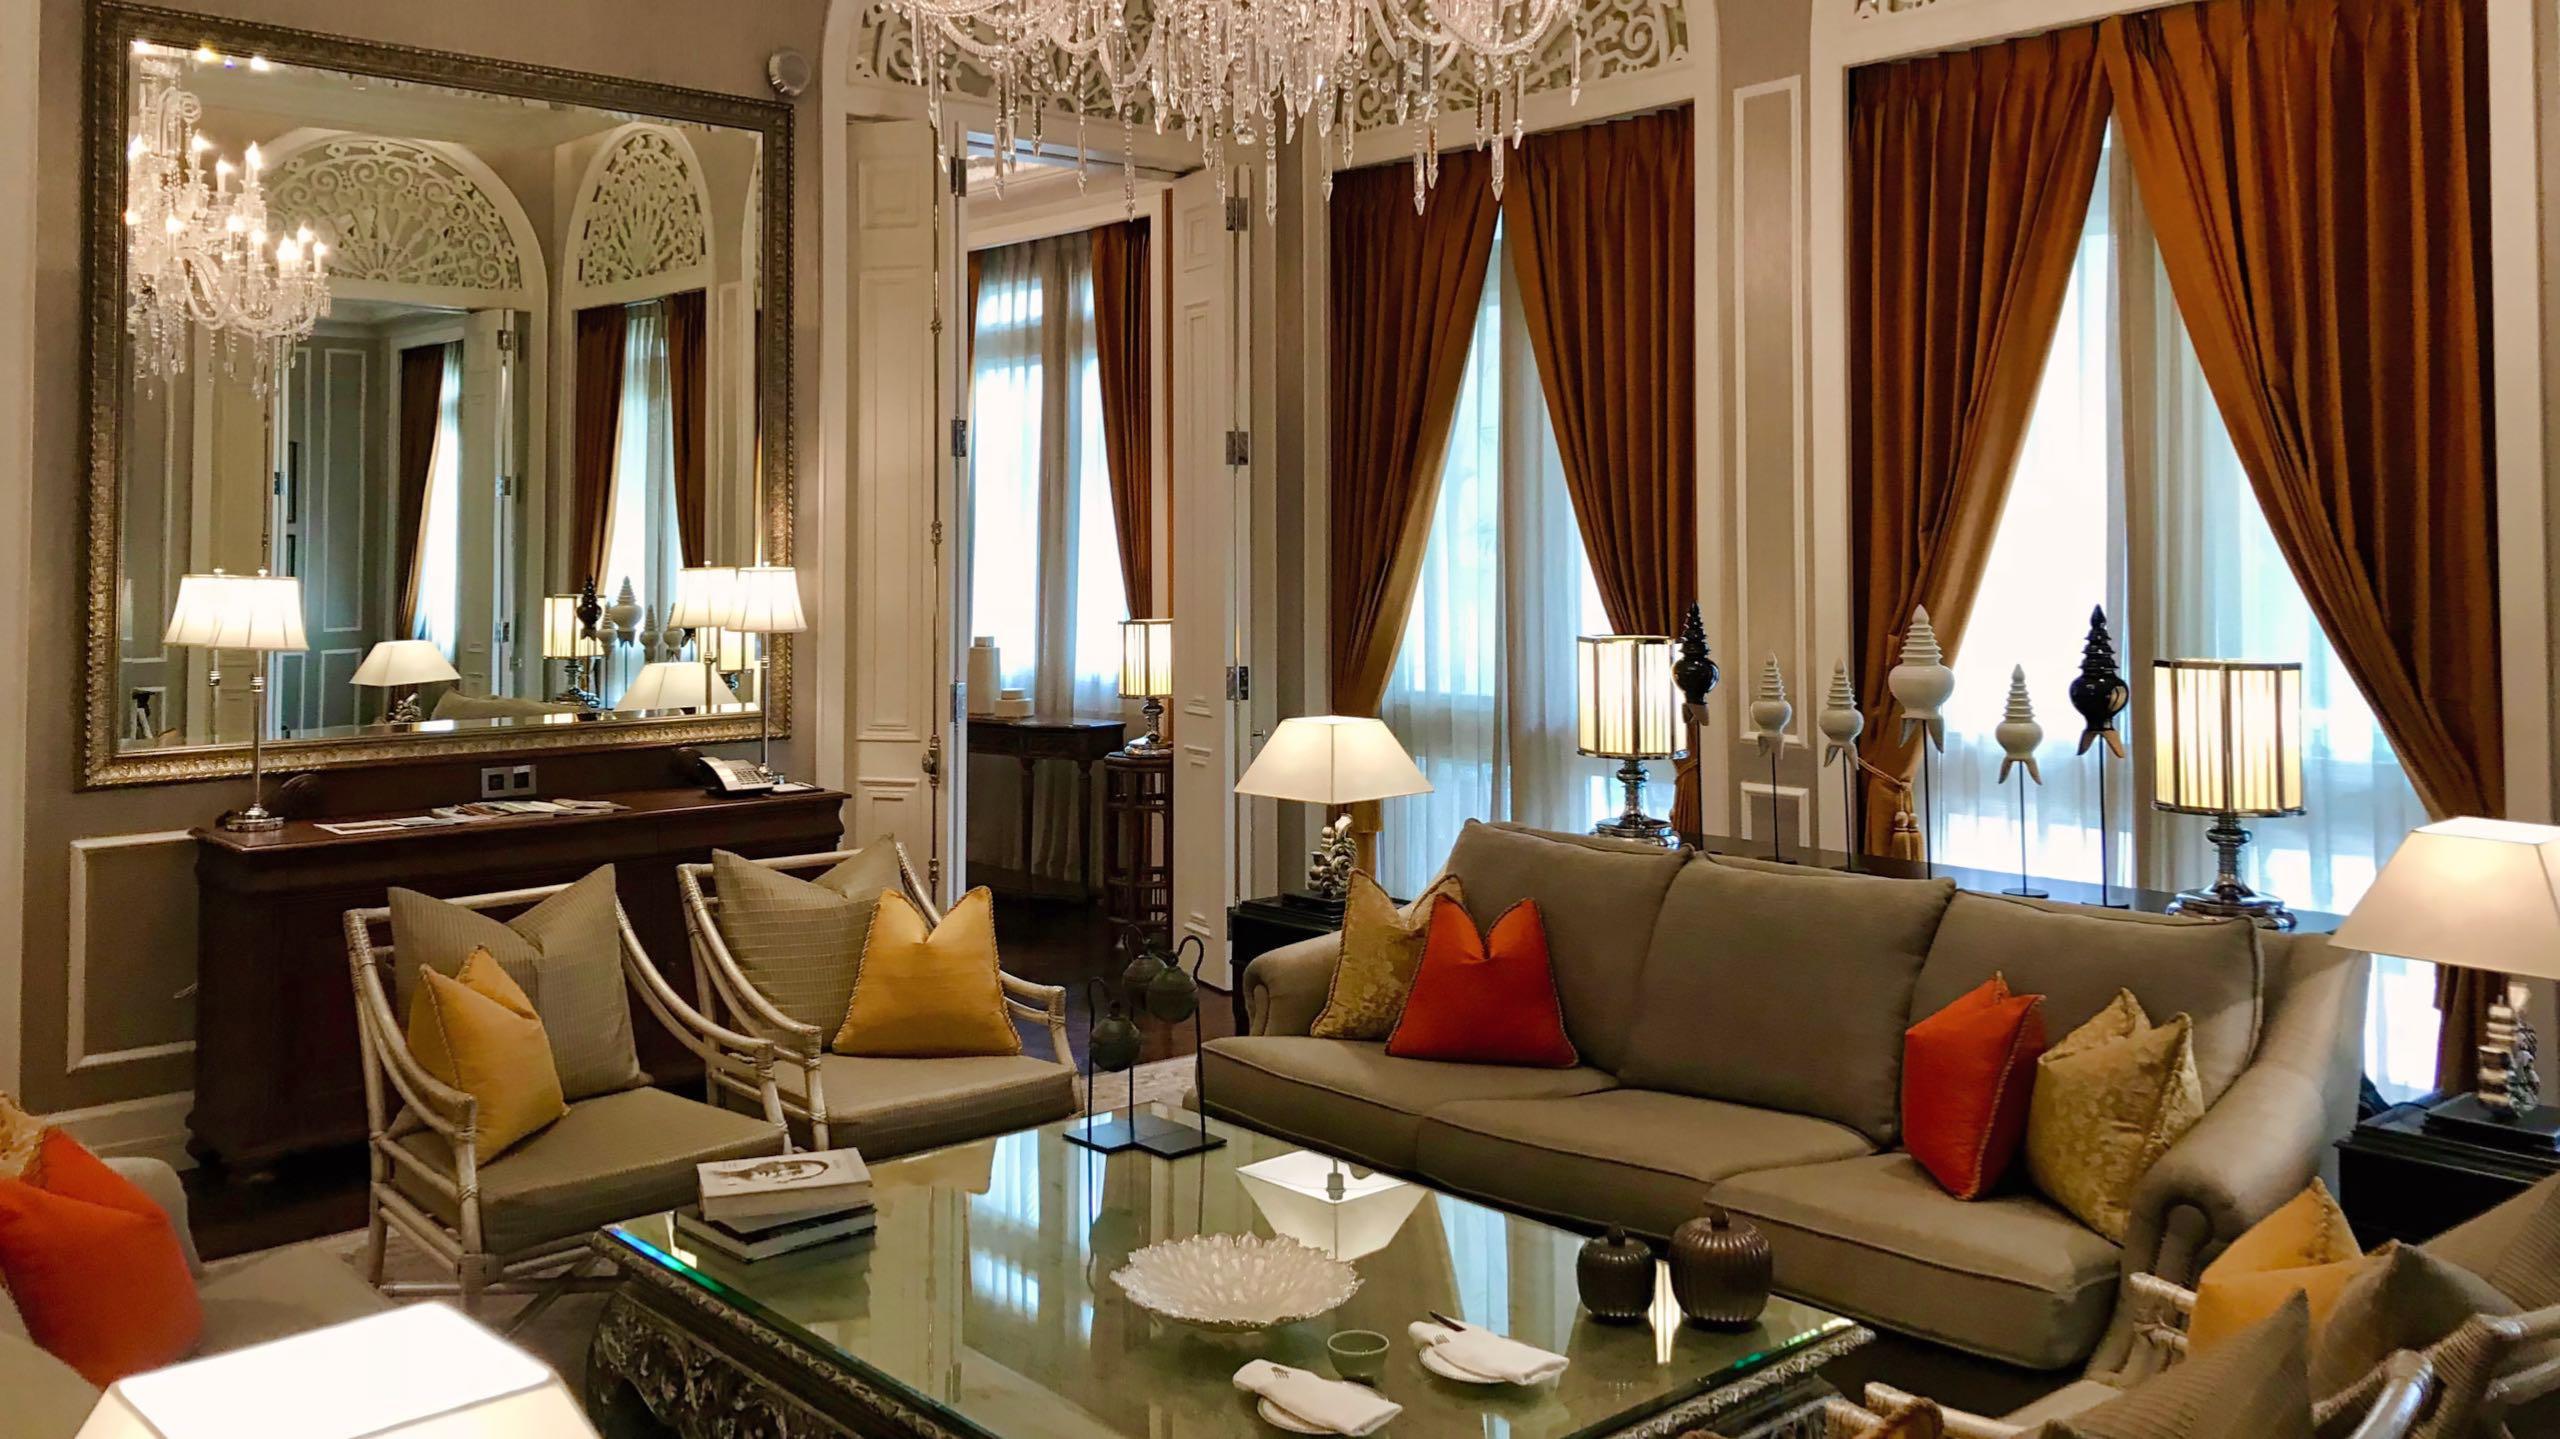 Großartig: Die opulente Mandarin Oriental Royal Suite.